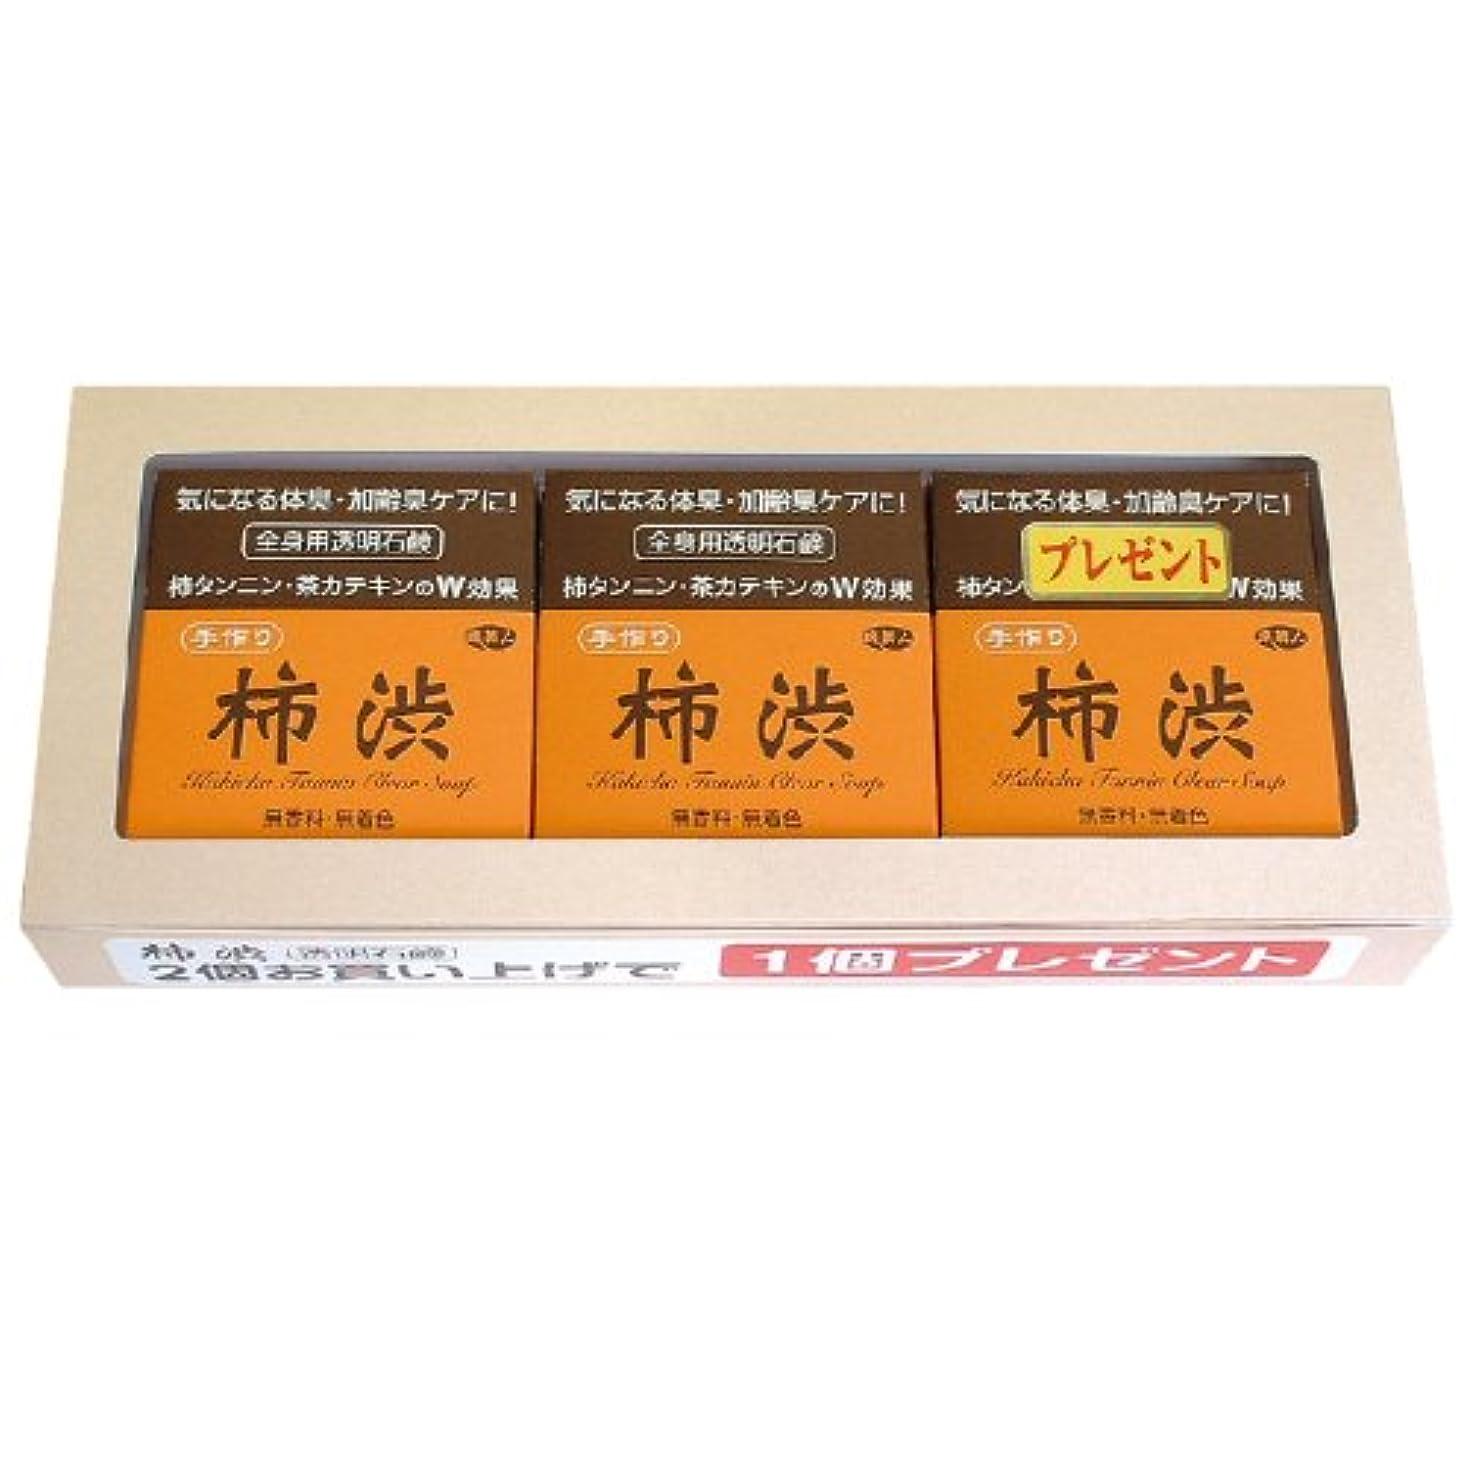 洞察力のあるペニー見つけるアズマ商事の 柿渋透明石鹸 2個の値段で3個入りセット